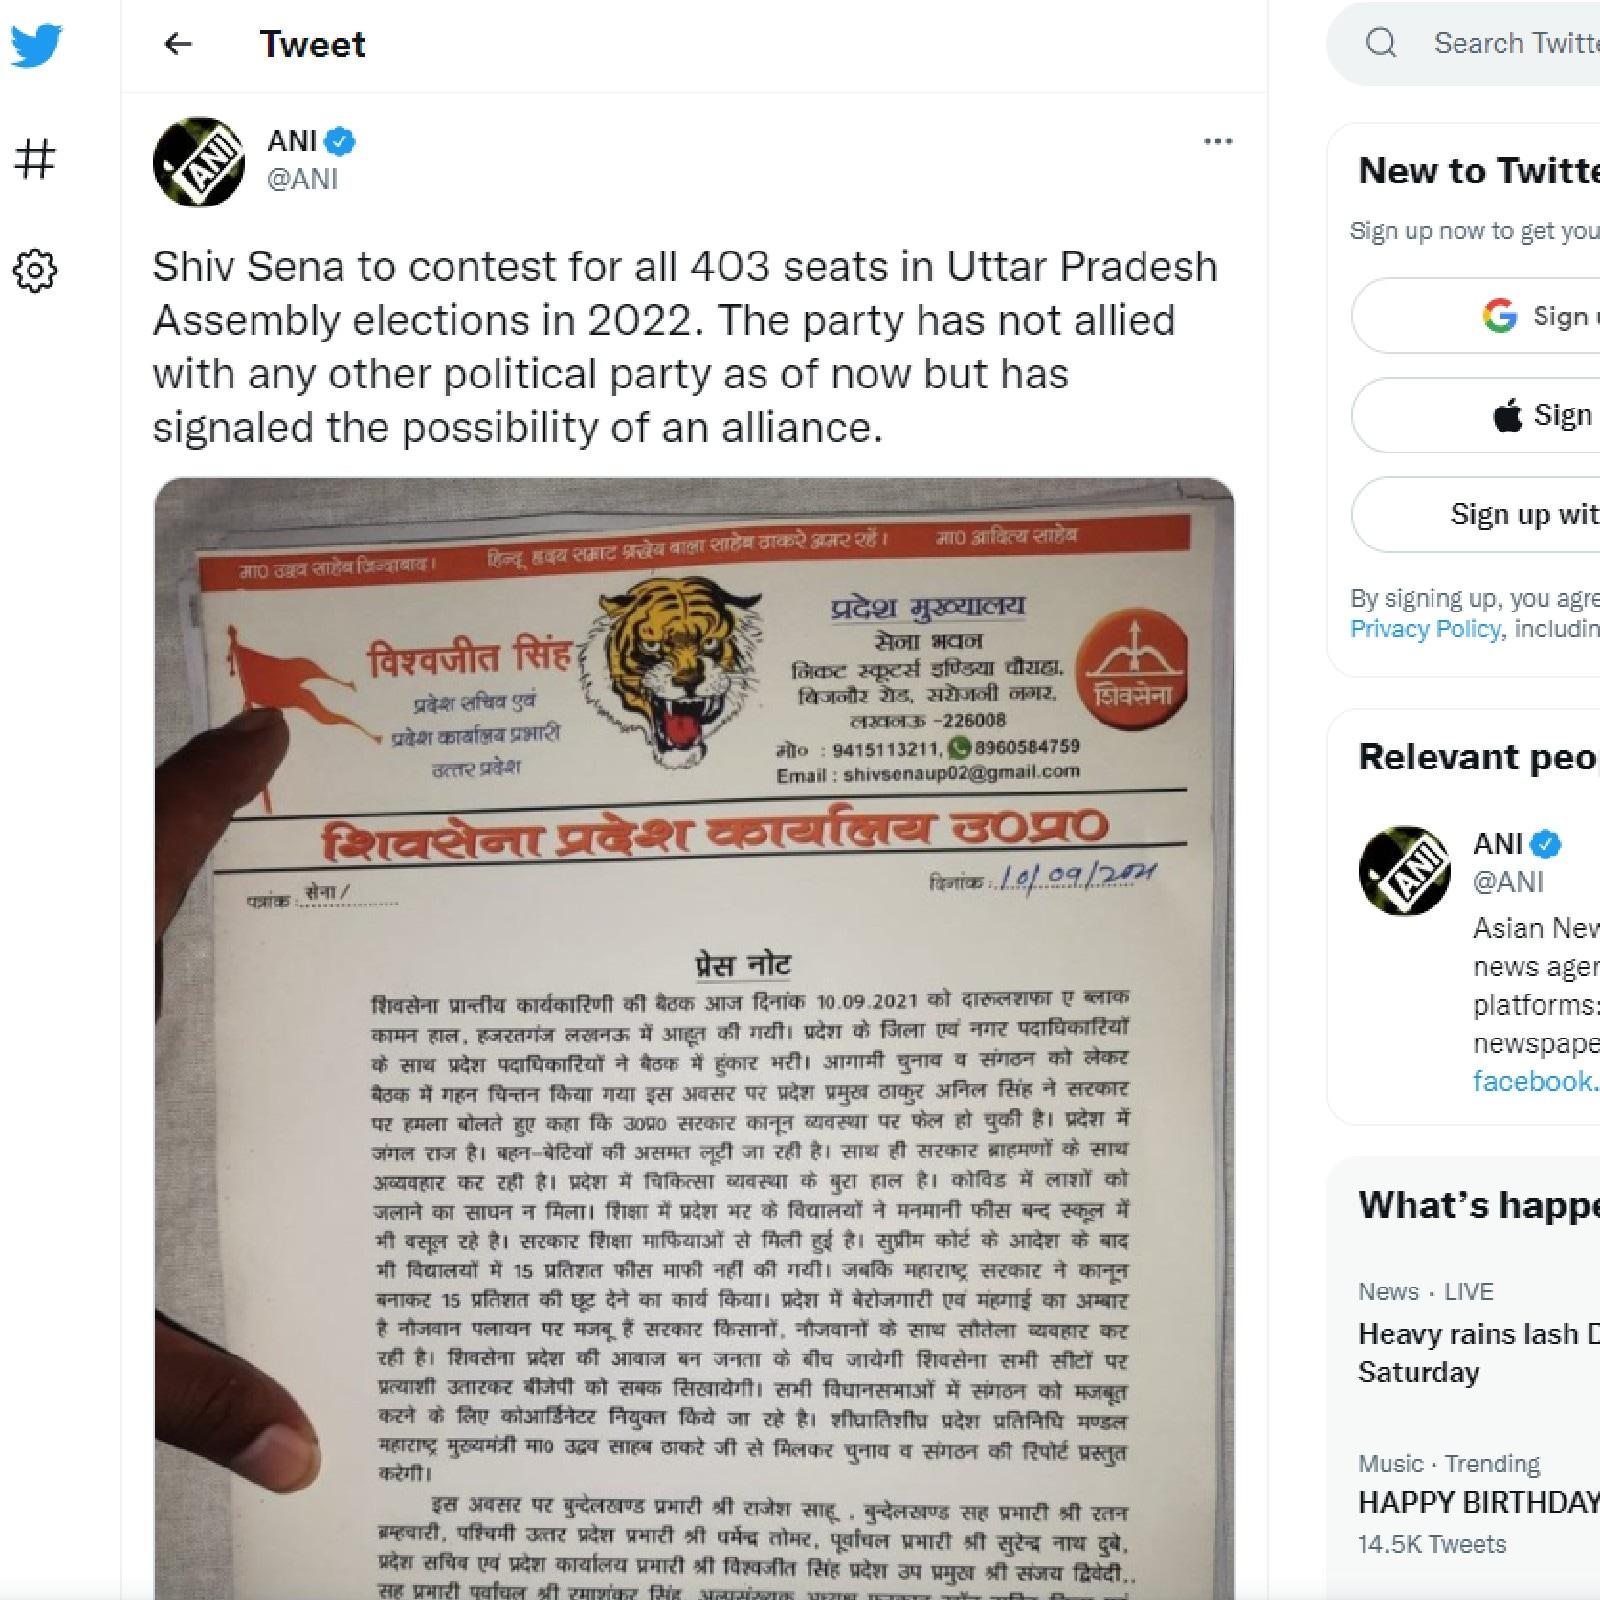 UP Assembly elections यूपी विधानसभा चुनाव, Shiv Sena शिवसेना, Announcement to contest all seats सभी सीटों पर चुनाव लड़ने का ऐलान, Possibility of alliance गठबंधन की संभावना, Shiv Sena politics शिवसेना की राजनीति, Maharashtra Chief Minister महाराष्ट्र के मुख्यमंत्री, Uddhav Thackeray उद्धव ठाकरे, UP Secretary Vishwajit Singh यूपी सचिव विश्वजीत सिंह